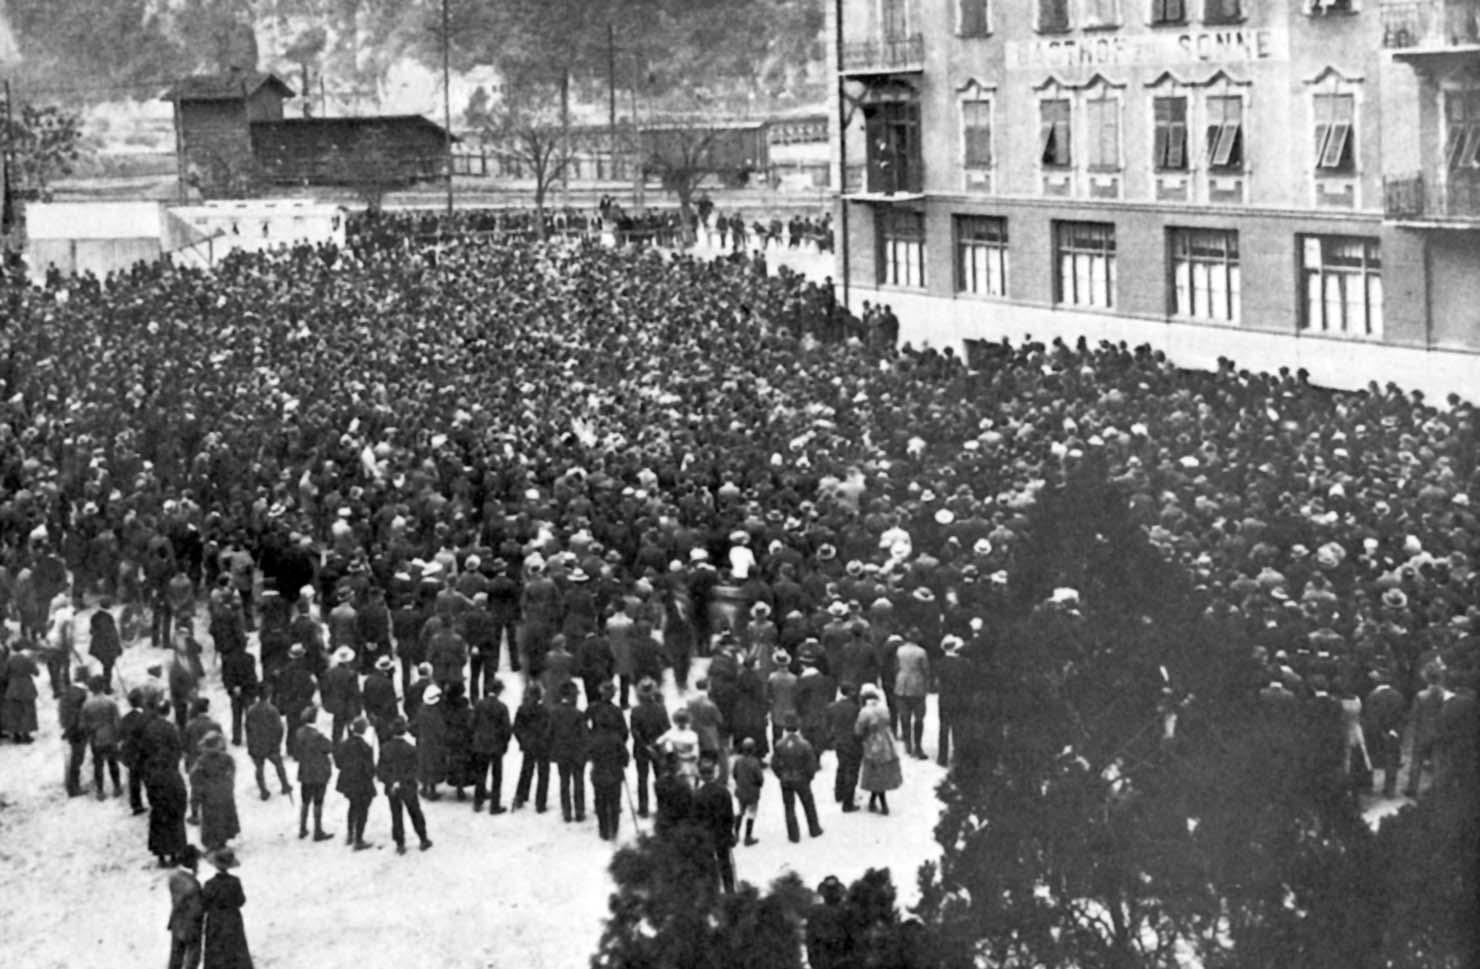 Die Protestversammlung auf dem Viehmarktplatz in Bozen, auf welcher der Abgeordnete Dr. Reut-Nicolussi zu den Versammelten sprach.